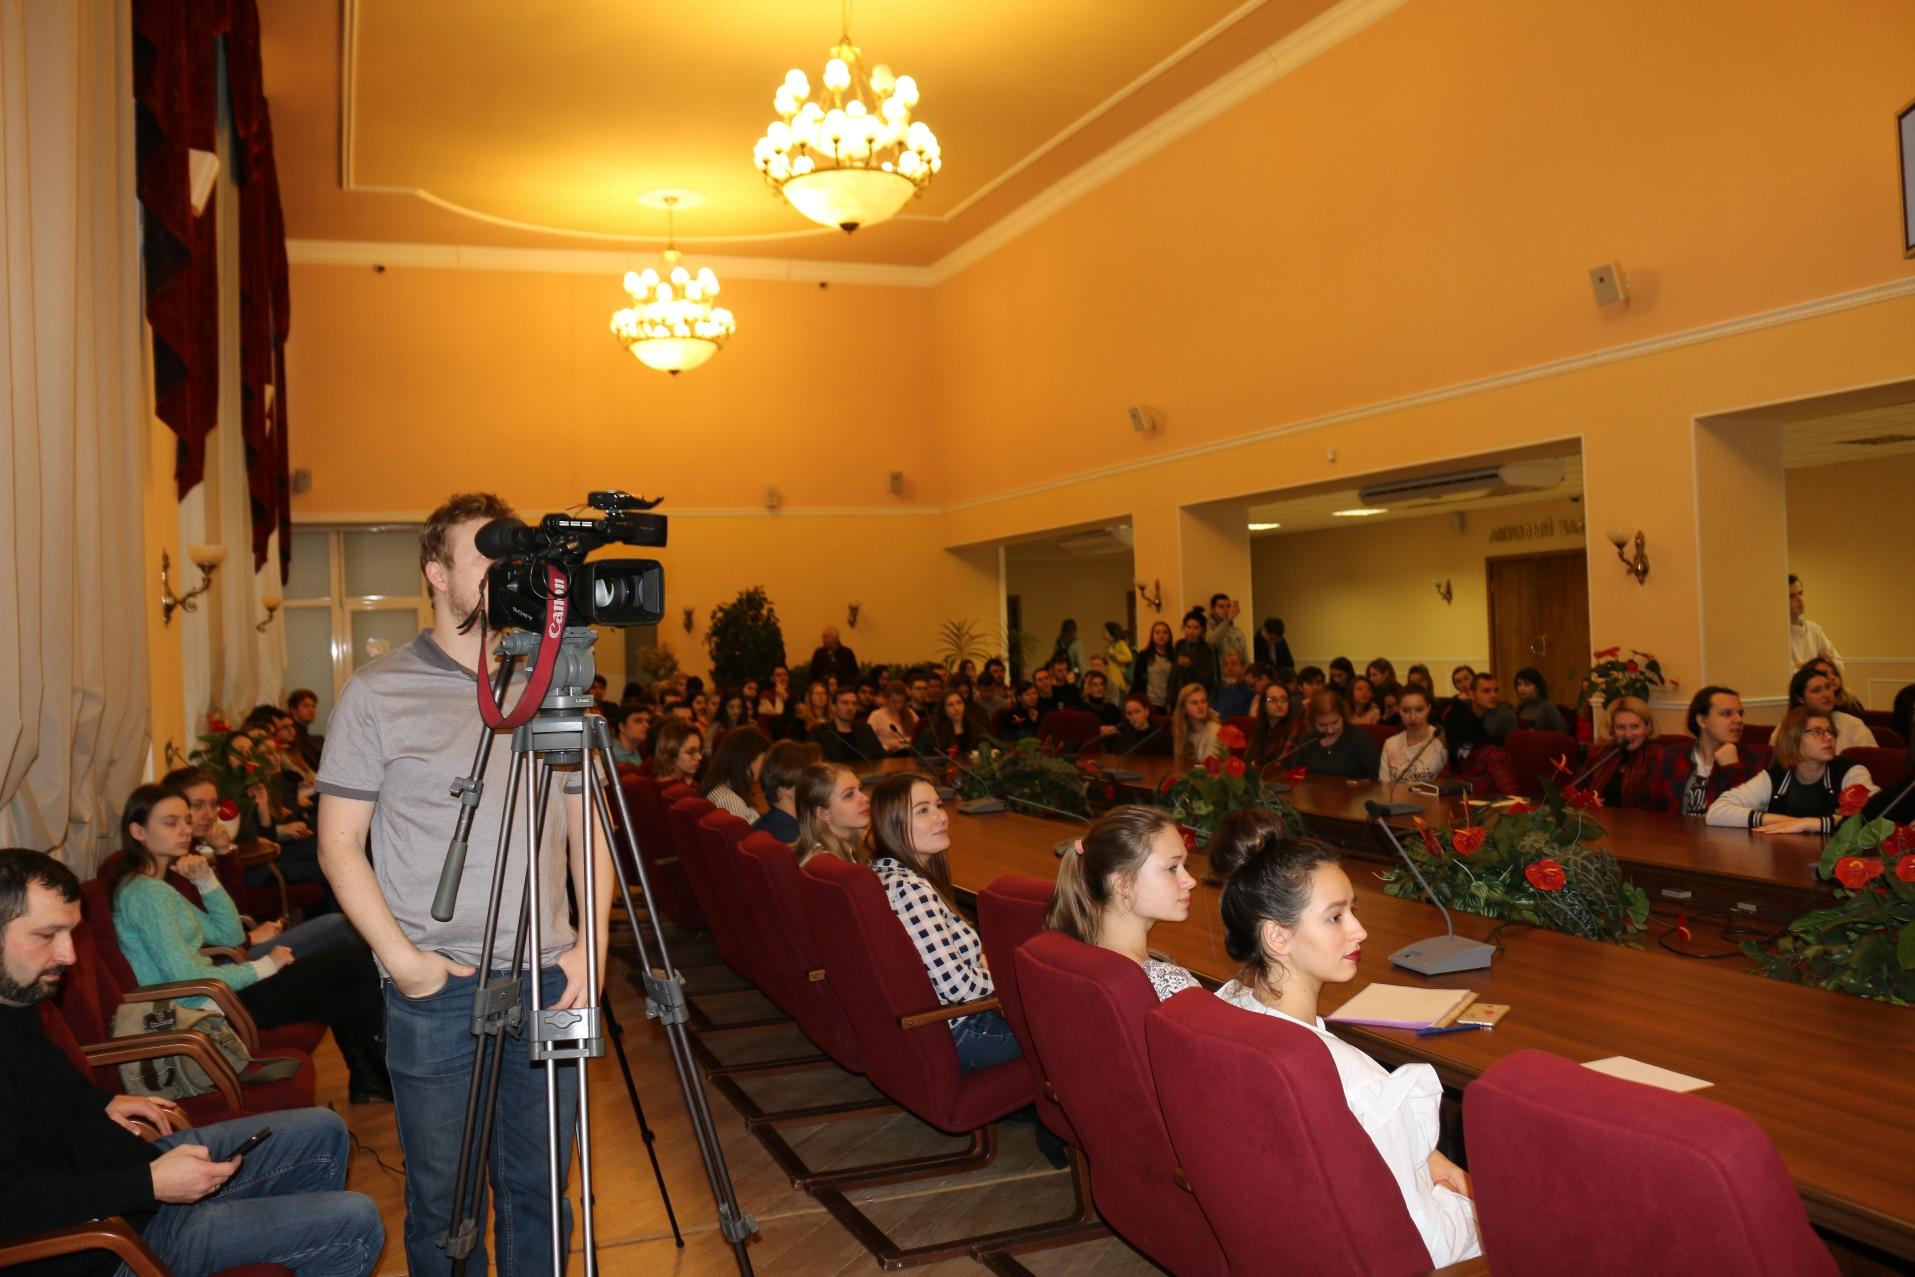 В МосГУ прошла встреча с профессором Брином Хэммондом и переводчиком Андреем Корчевским